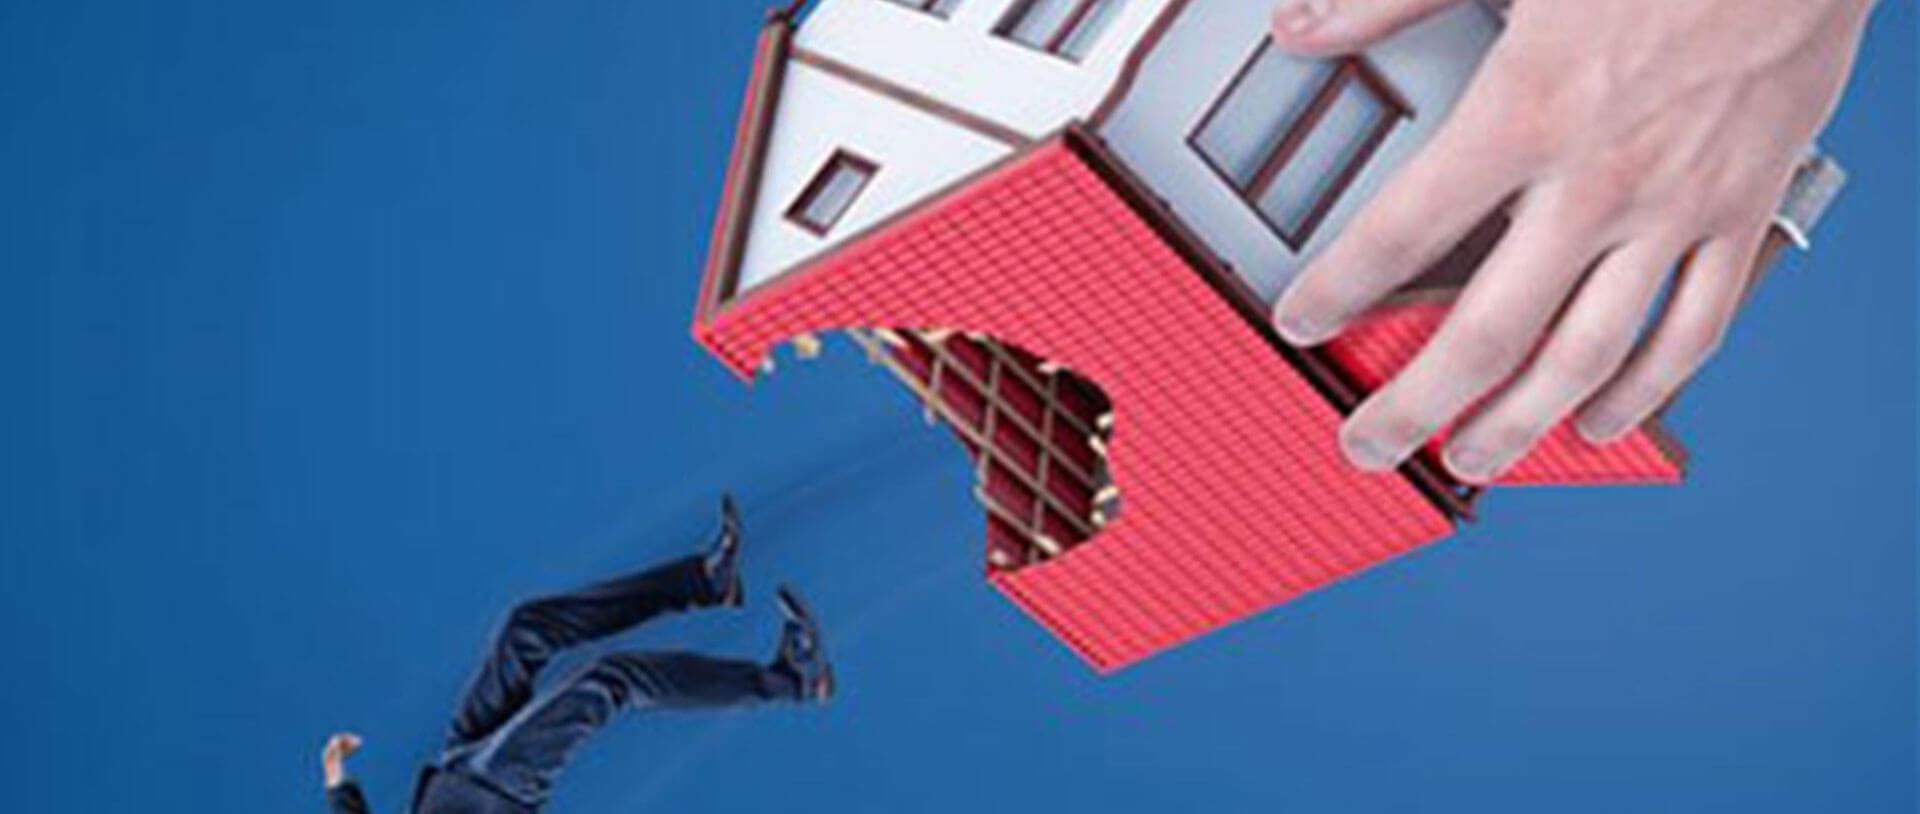 Krakers in uw woning kunnen na 5 dagen worden uitgezet